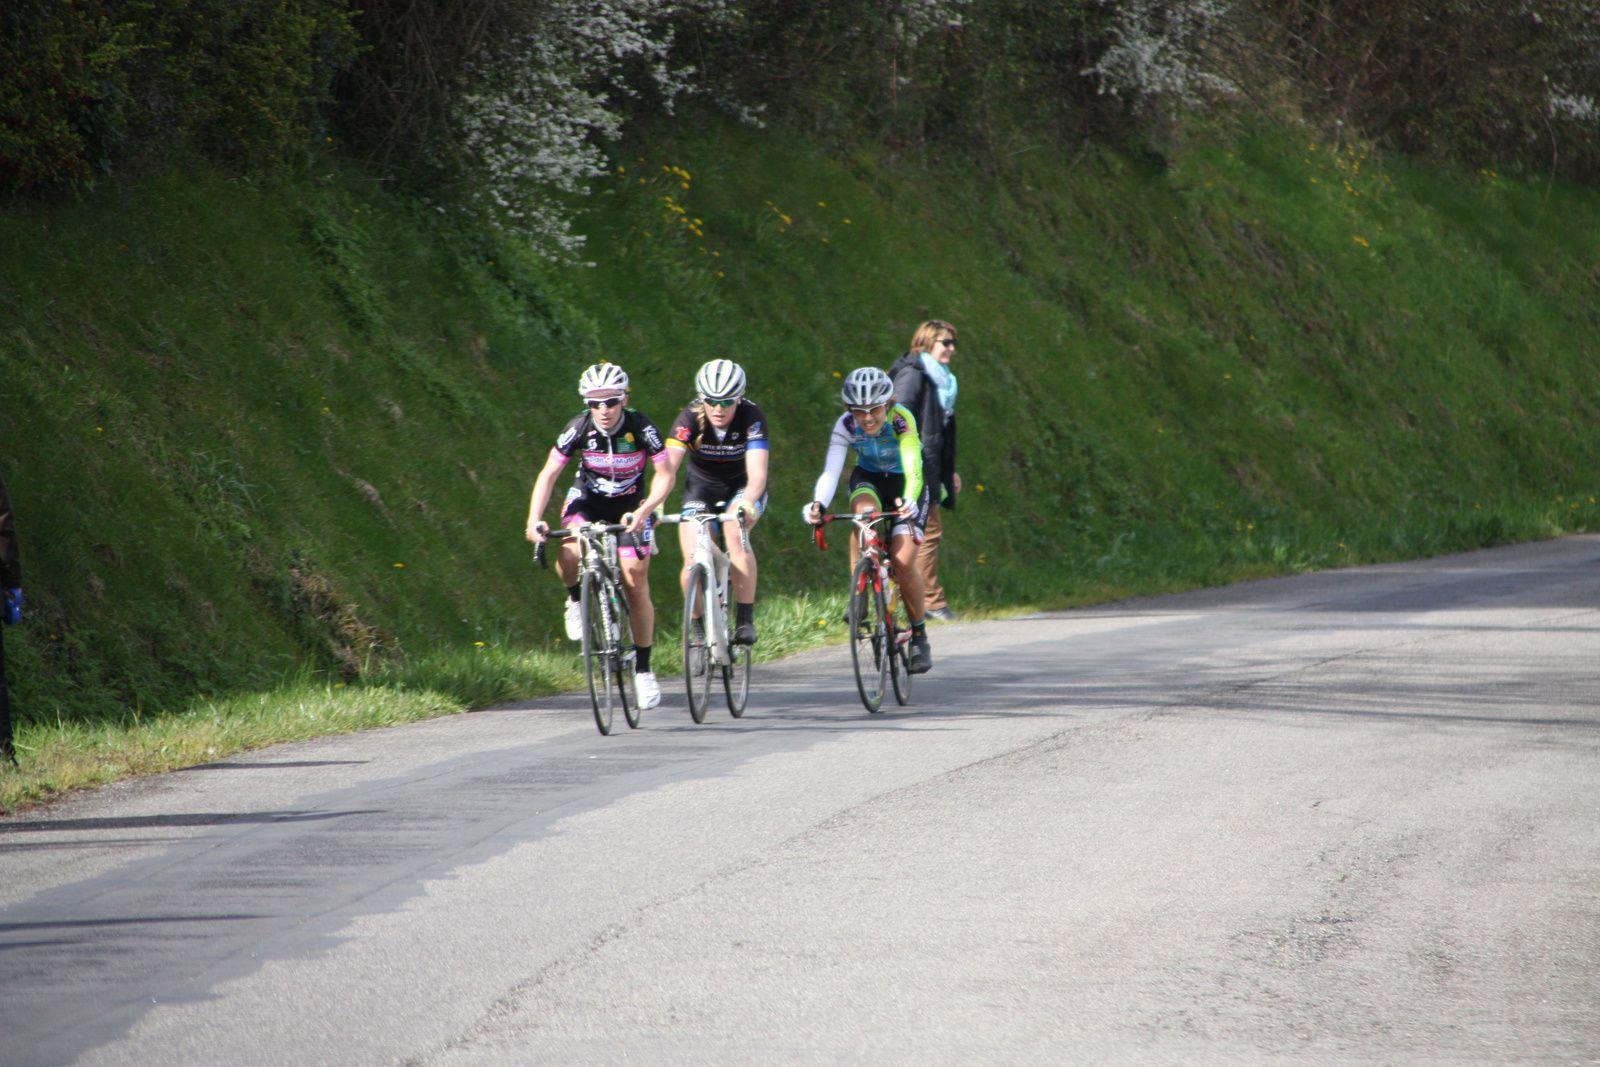 5e  passage, elle  ne  sont  plus  que  2  en  tête  avec  Daniela  REIS, derriere  sortie  du  peloton  Marjoleine  BAZIN  effectue  un  beau  retour